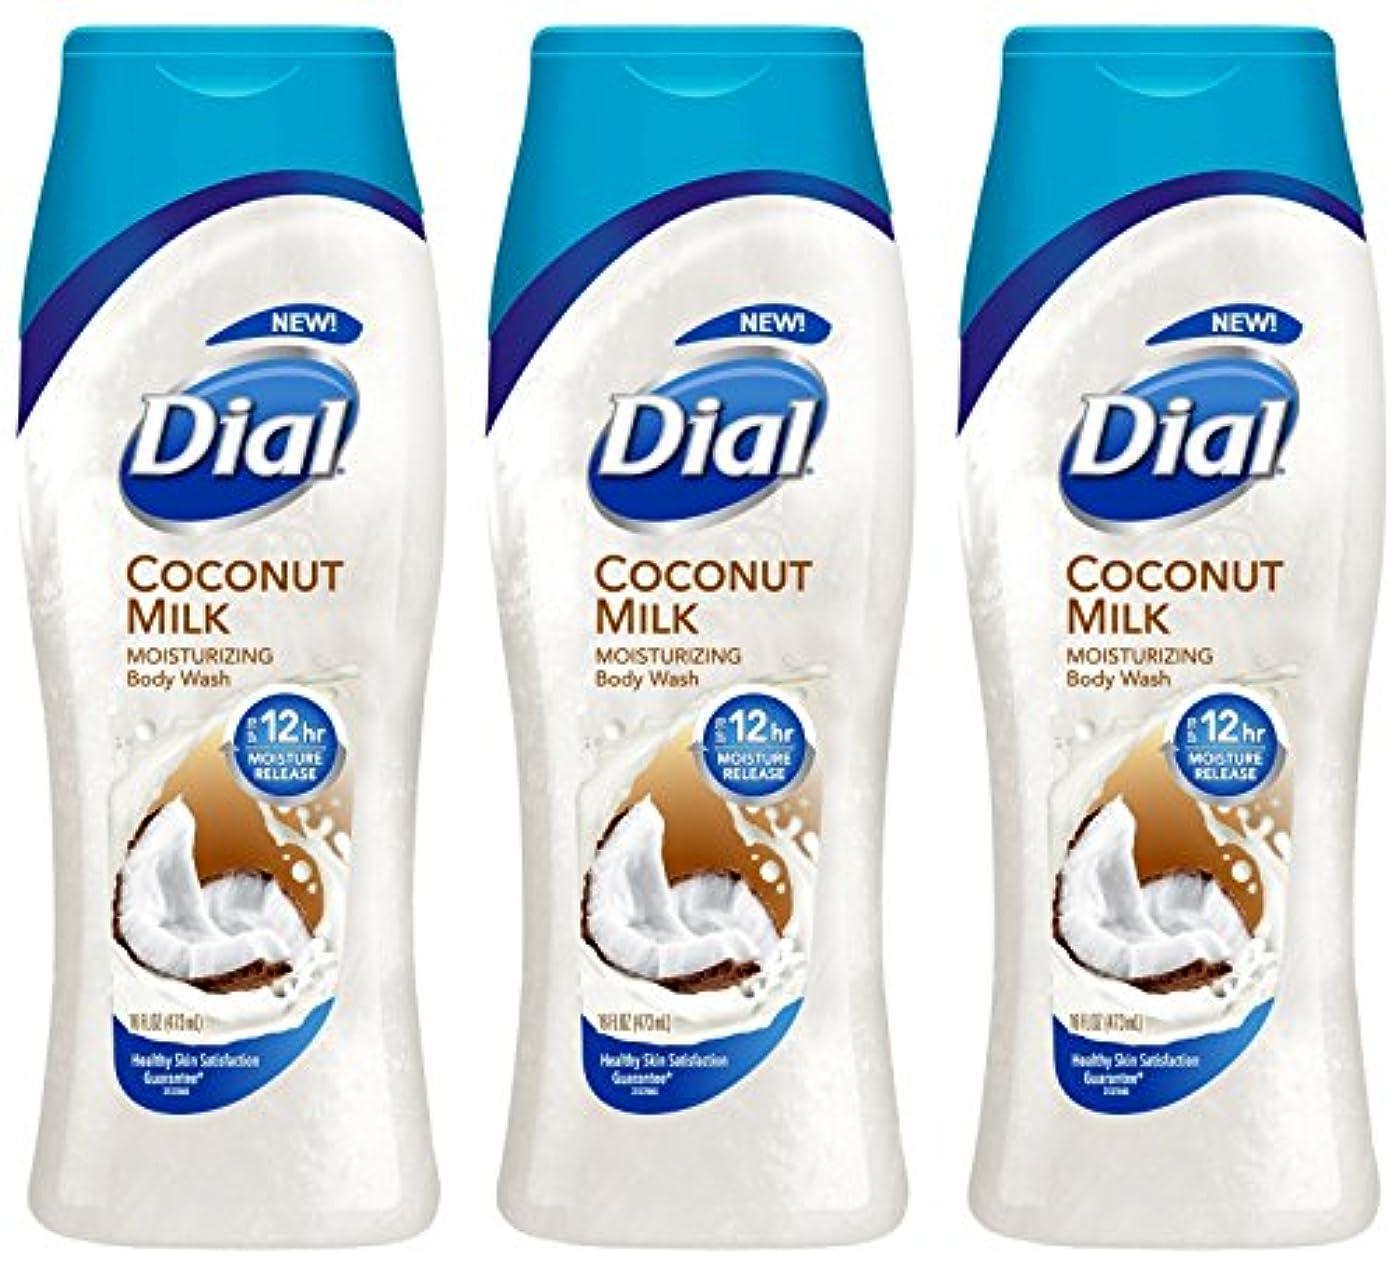 約束する独立して抑制するDial モイスチャライジングボディウォッシュ - ココナッツミルク - 12時間モイスチャーリリース - ネット重量。ボトルあたり16液量オンス(473 ml)を - 3本のボトルのパック